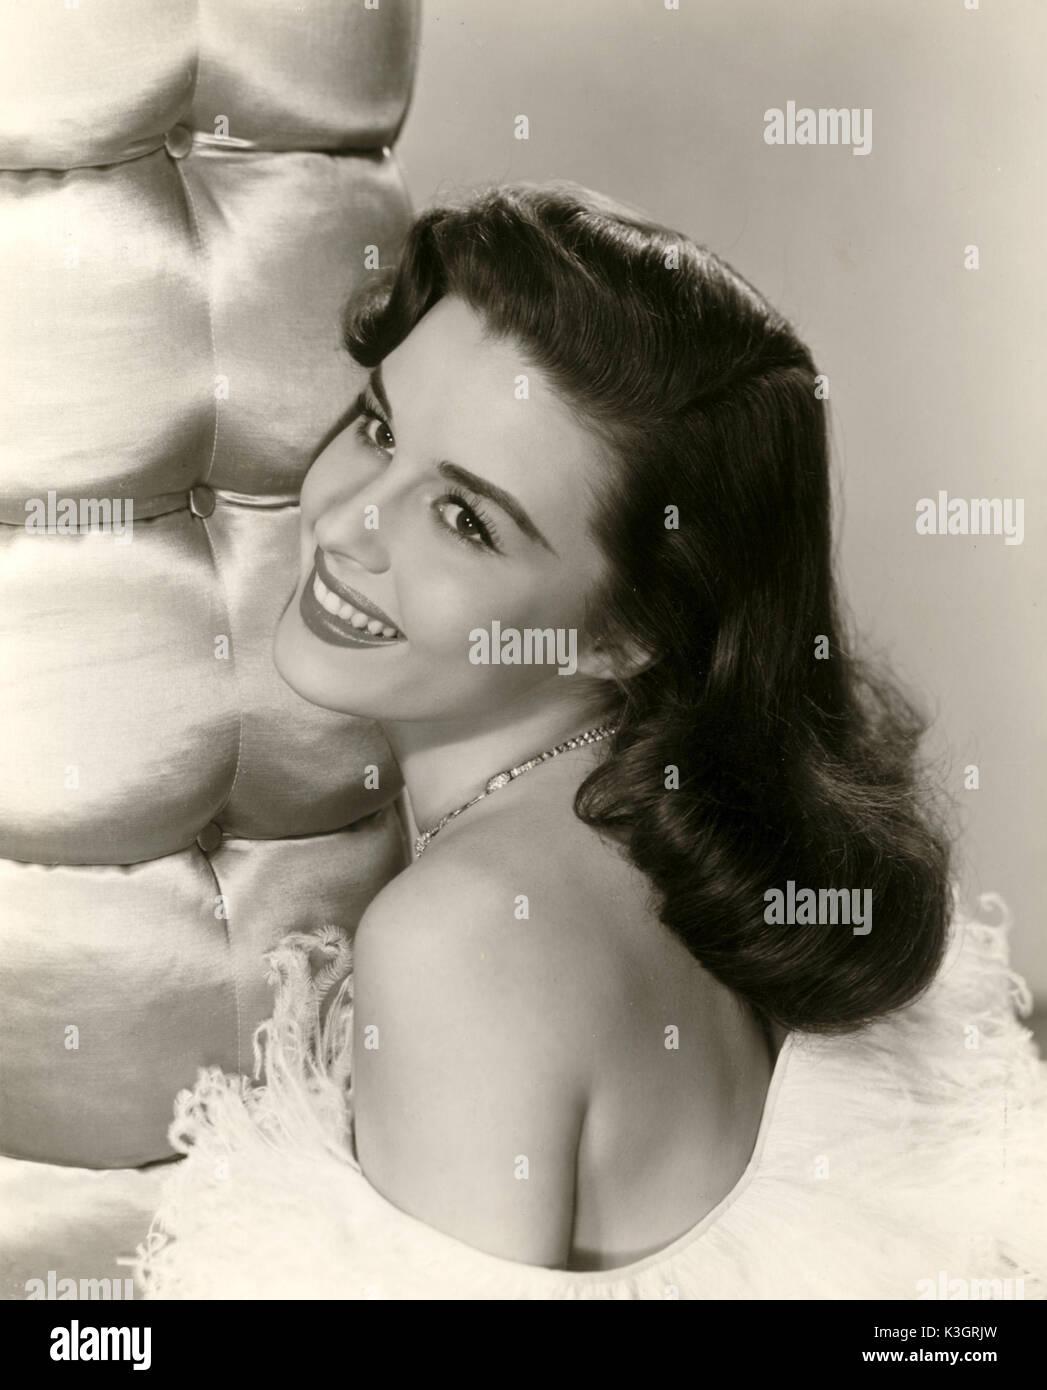 Elaine Stewart Elaine Stewart new foto